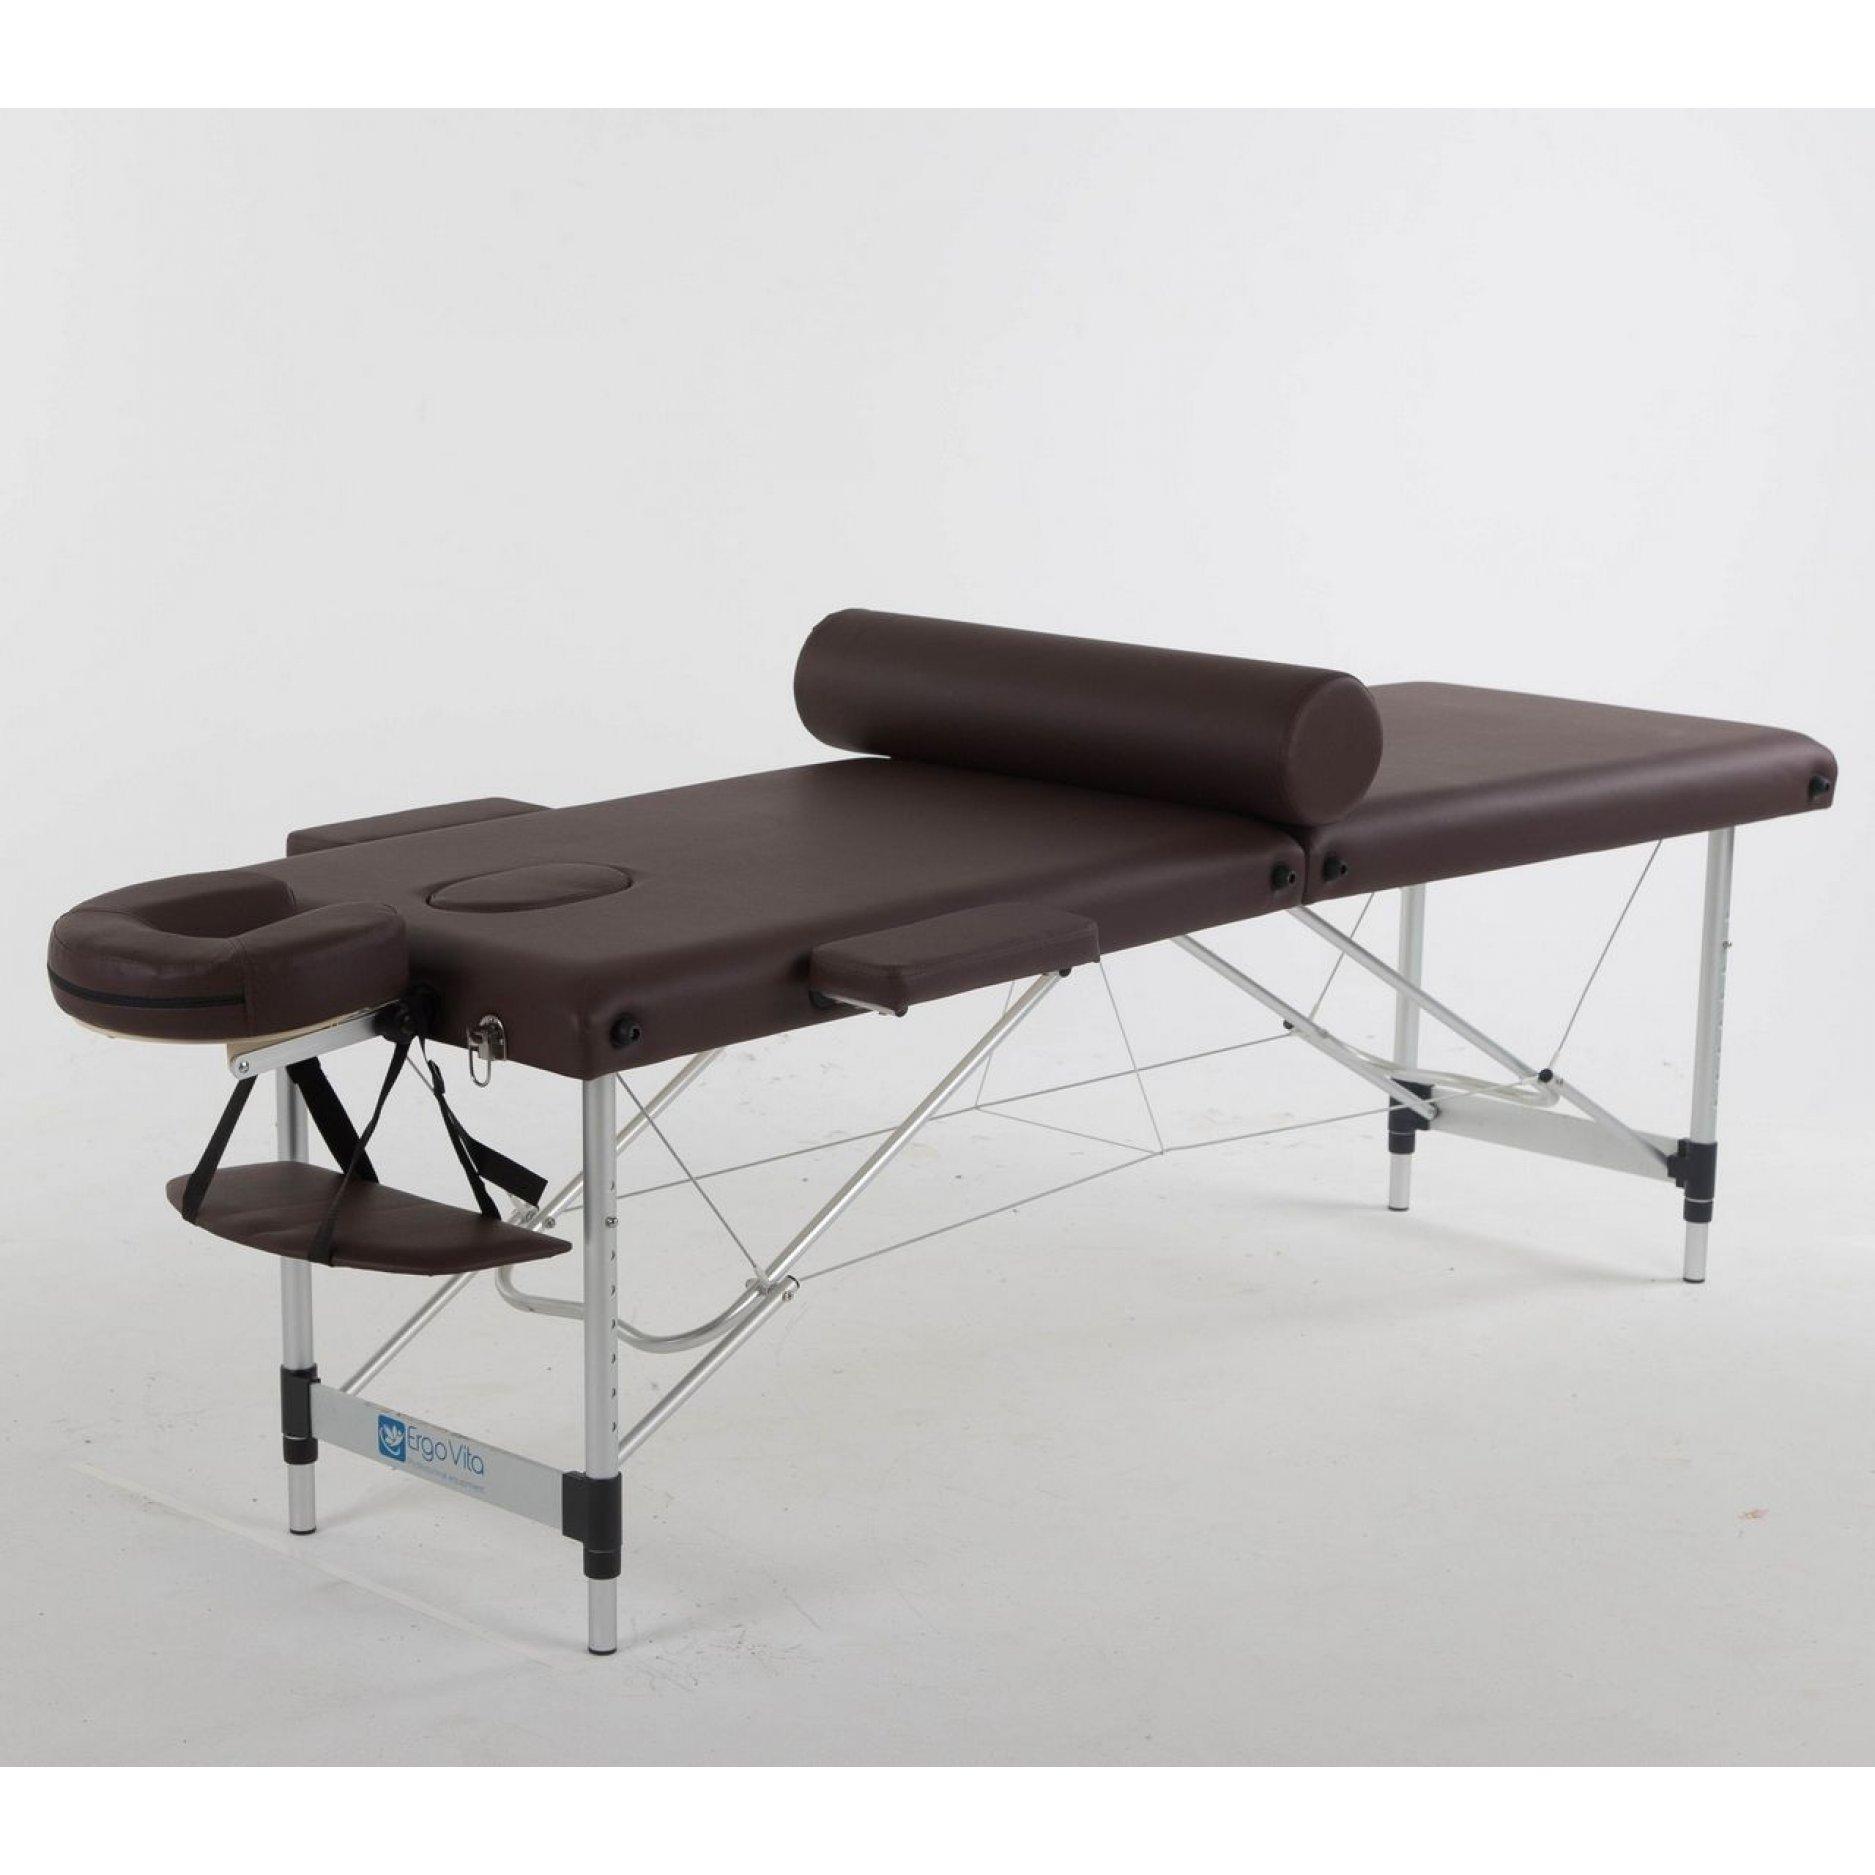 Складной массажный стол ErgoVita Classic Alu коричневый